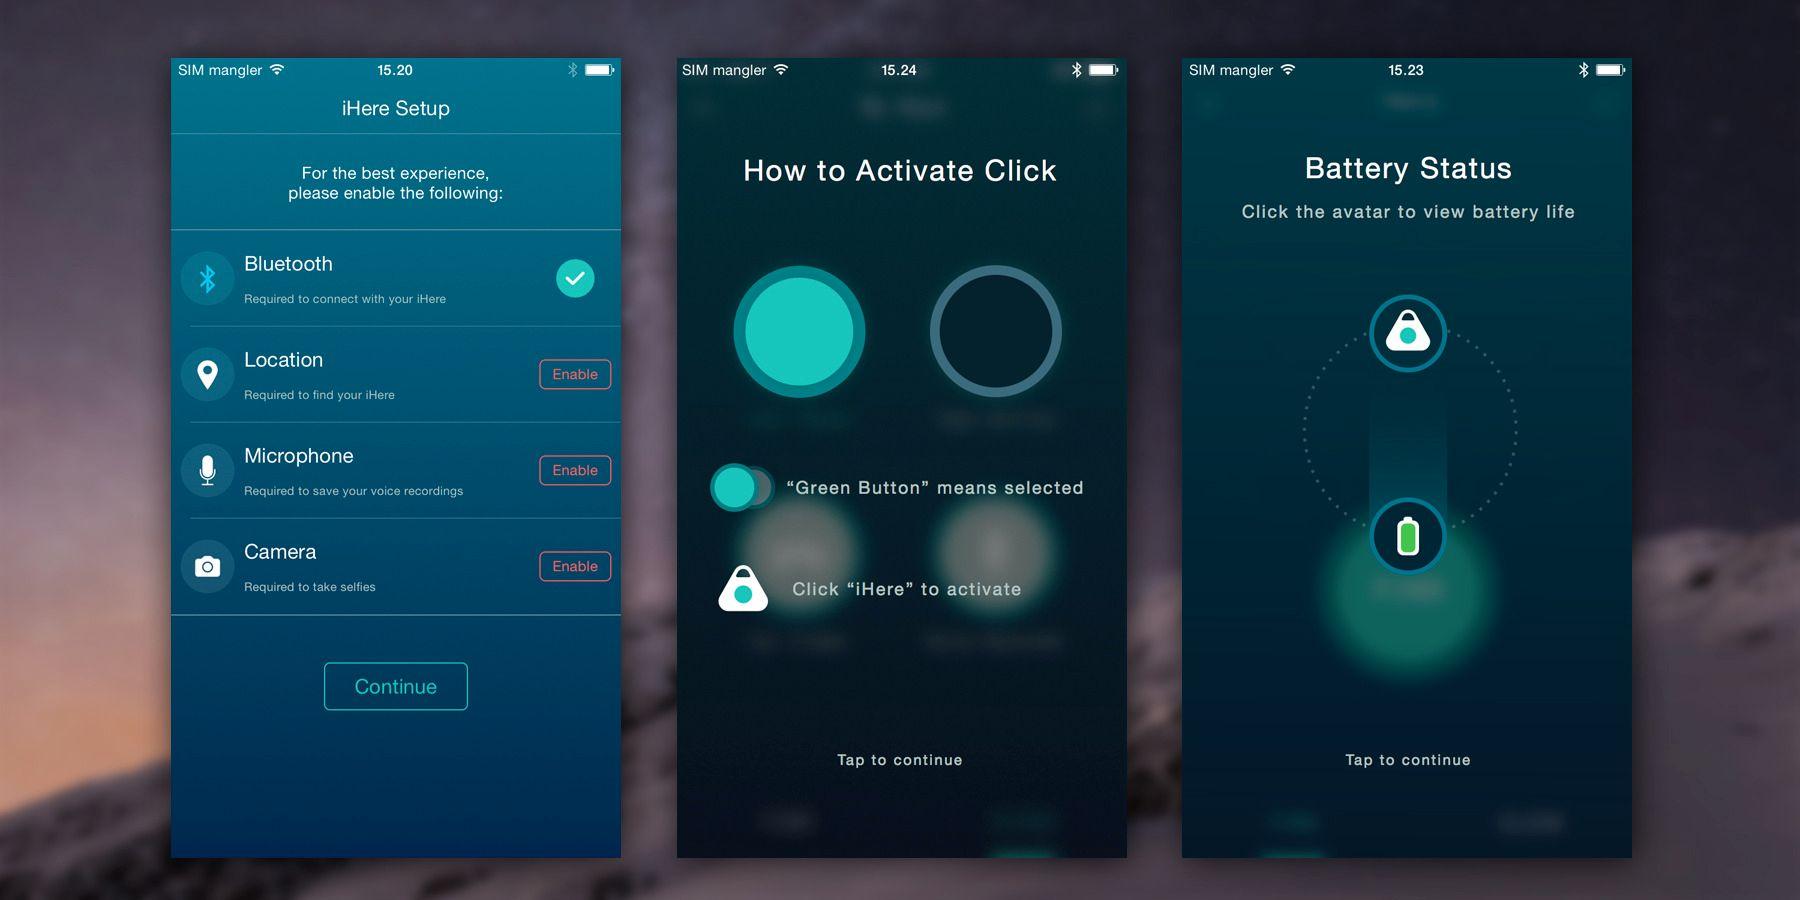 Når du starter opp iHere-appen får du grundige og lekre instruksjoner. Smart og godt gjennomtenkt, synes vi.